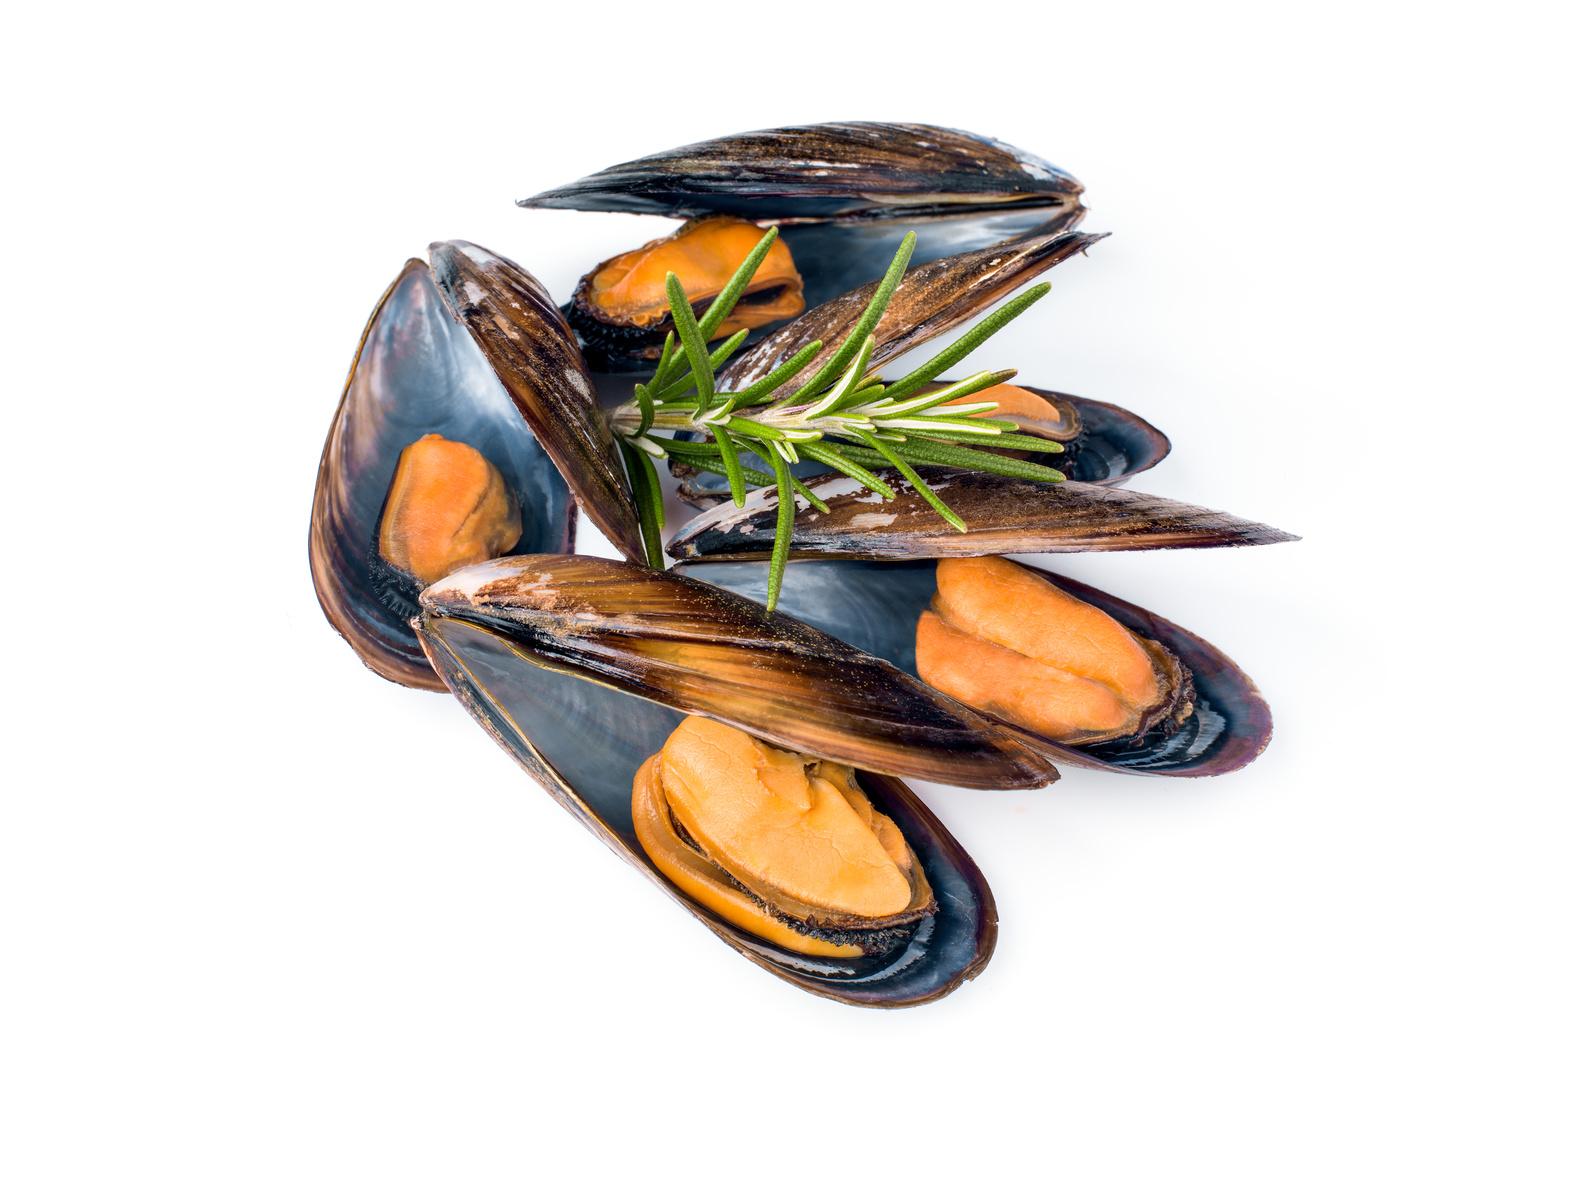 moule fruit de mer nutrition recette santé